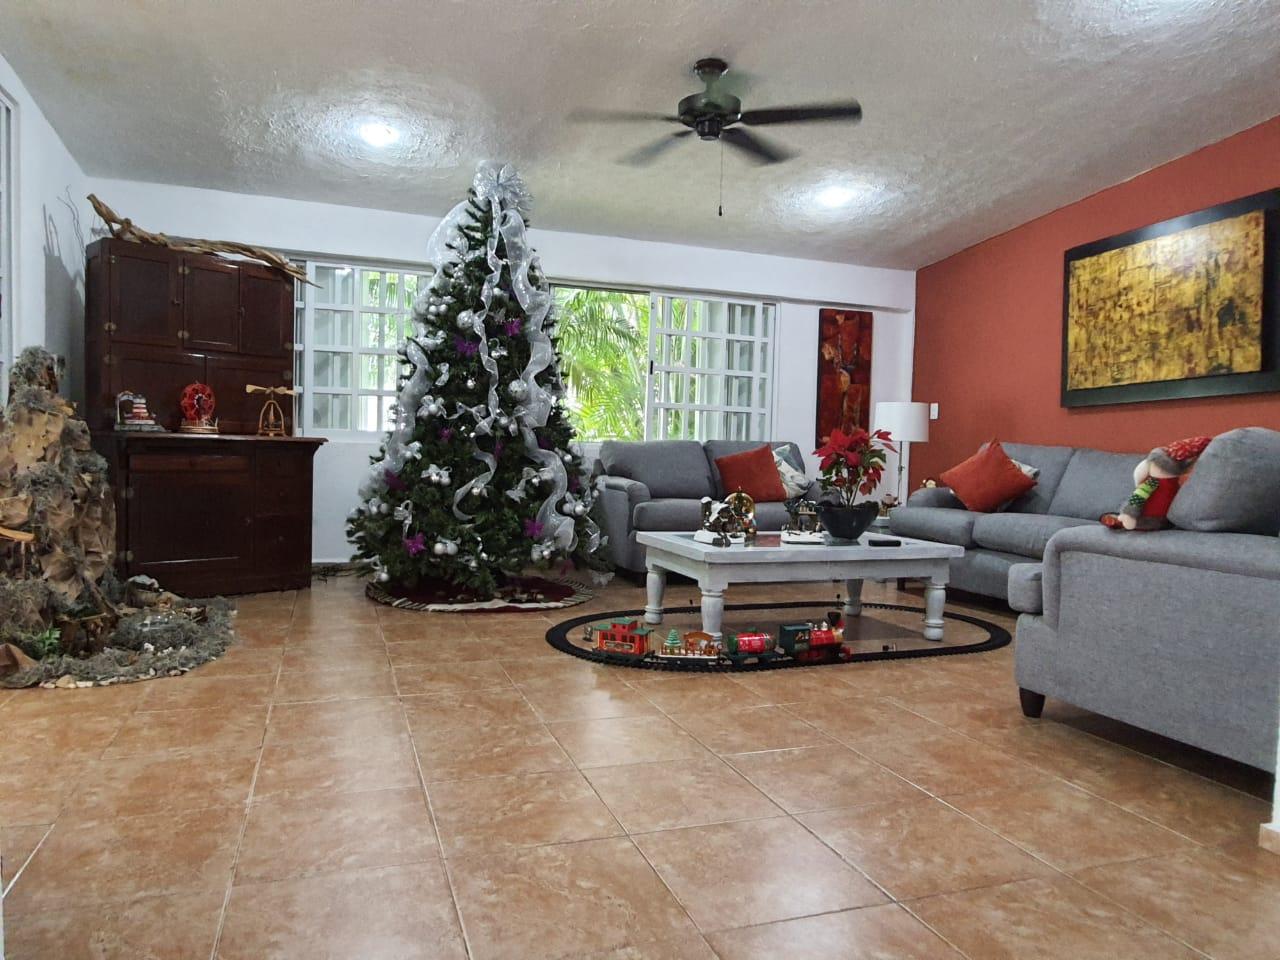 Casa en Venta en Cancun San Geronimo alberca seguridad doble terreno 410m2